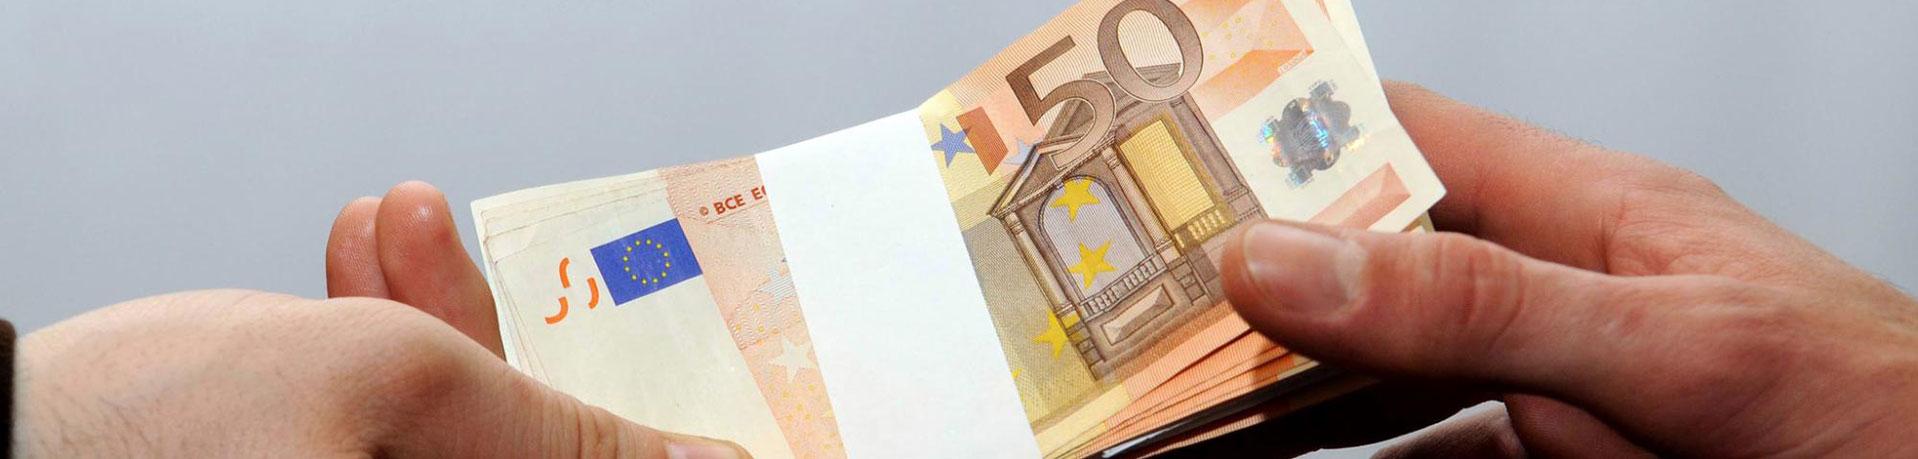 Fünfzig Euro Scheine